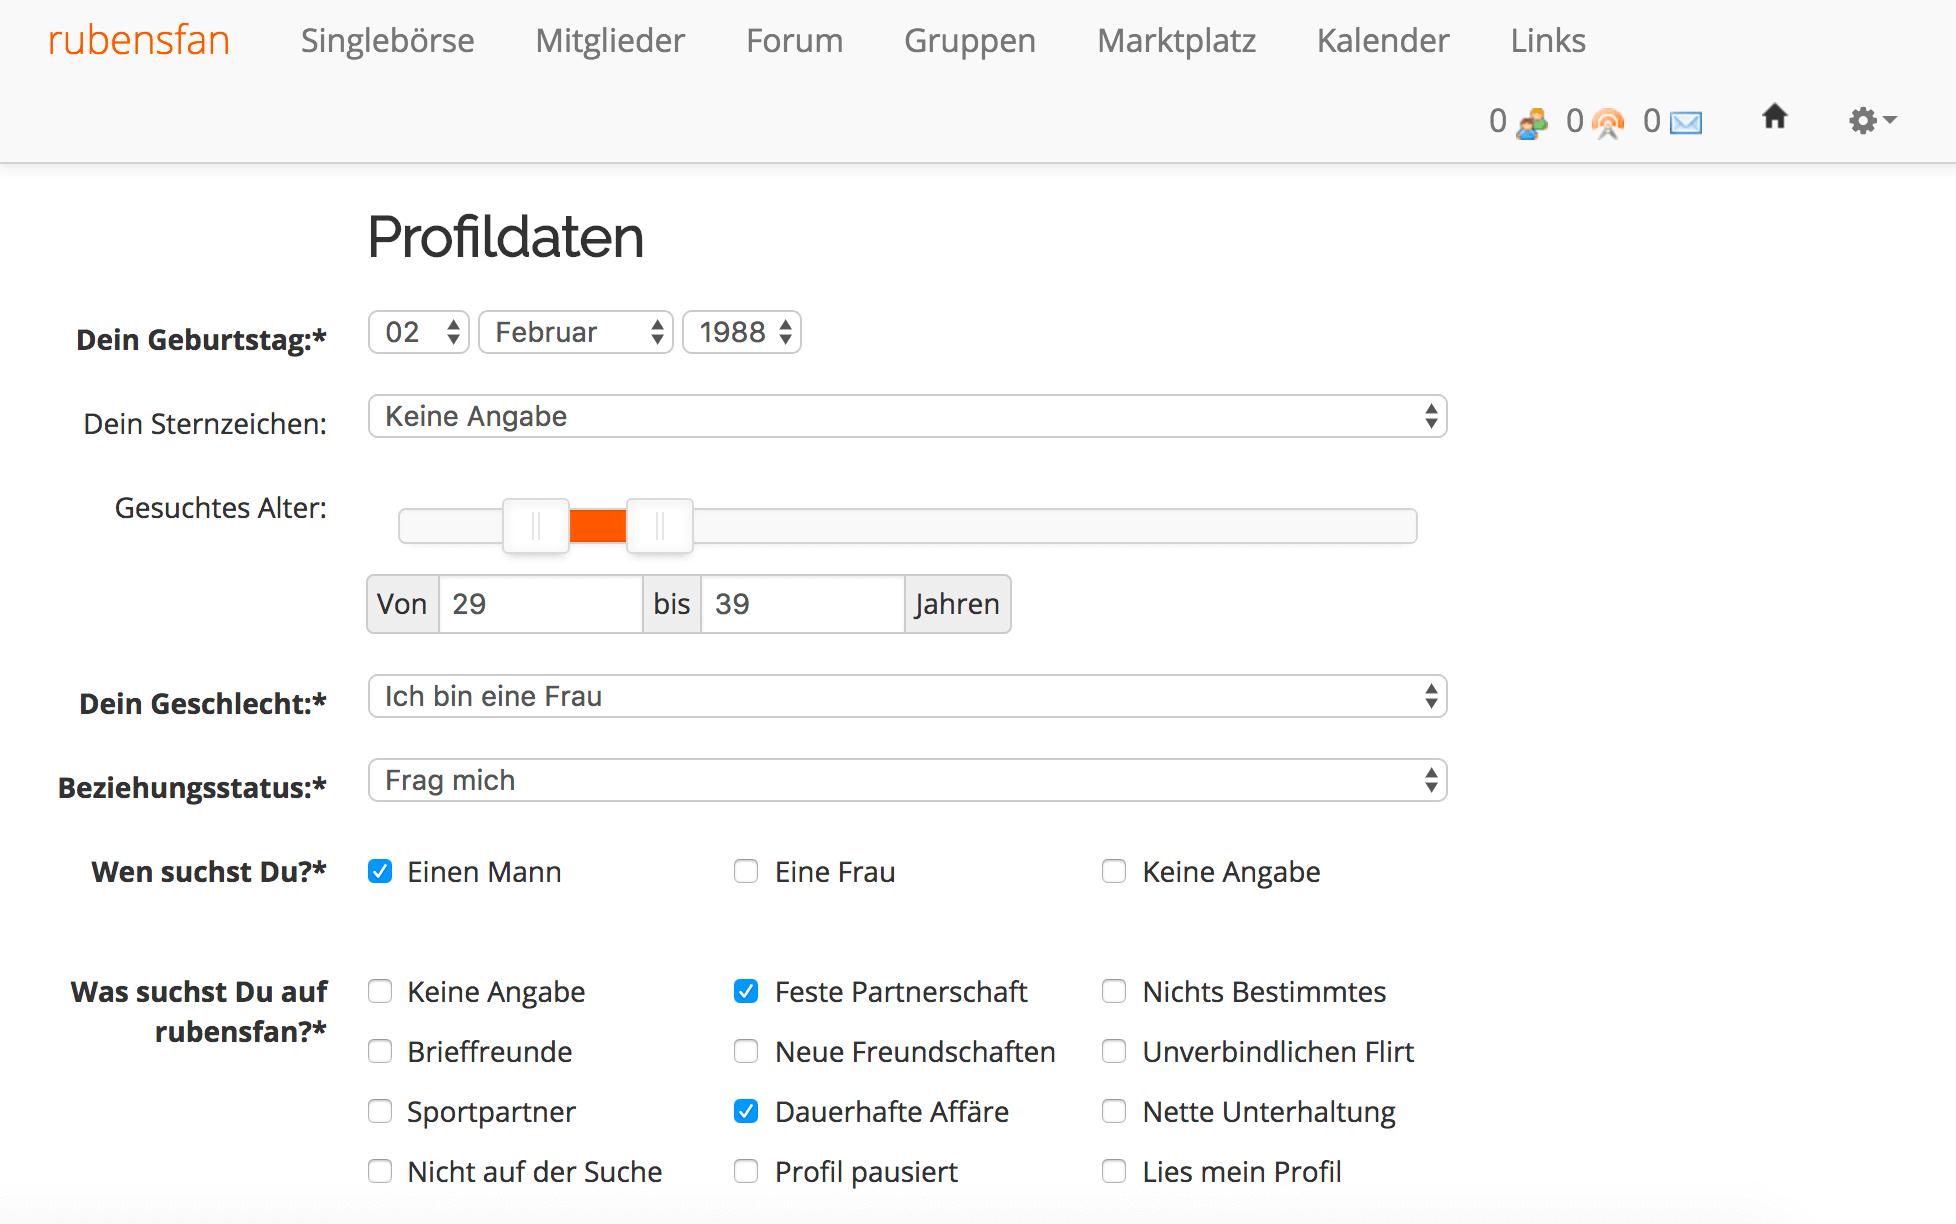 profildaten